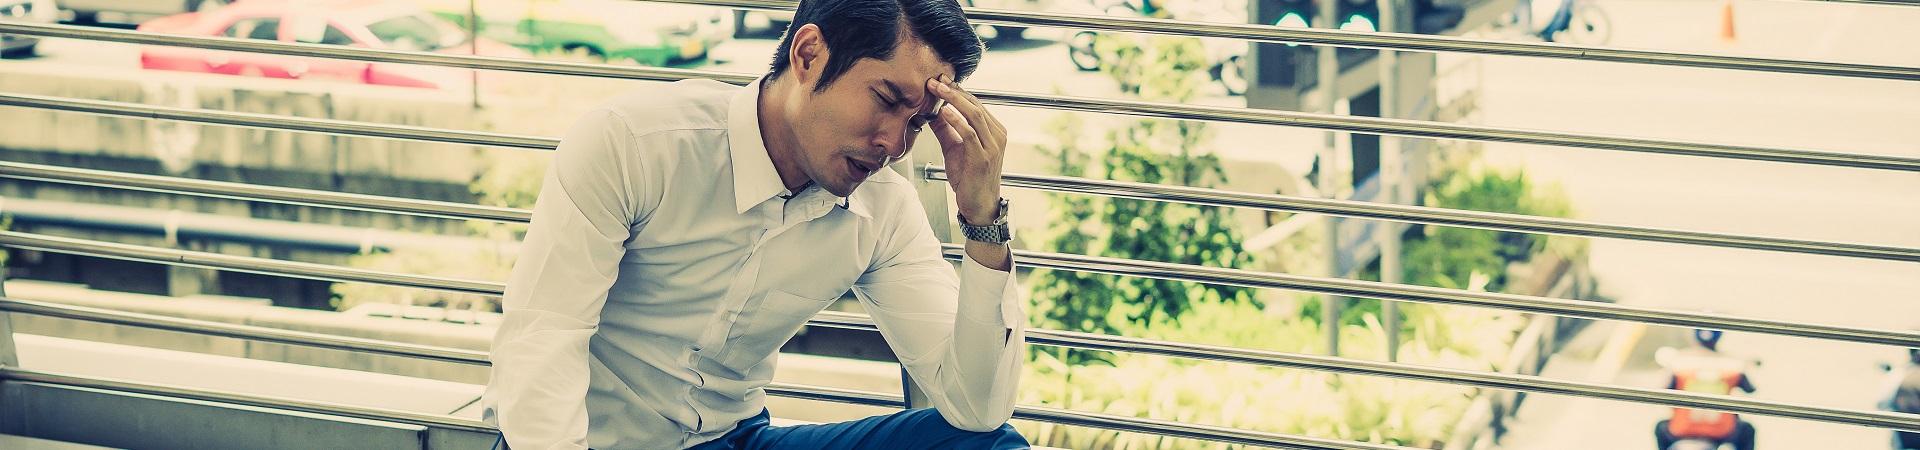 Как уволить работника без его желания по закону — investim.info